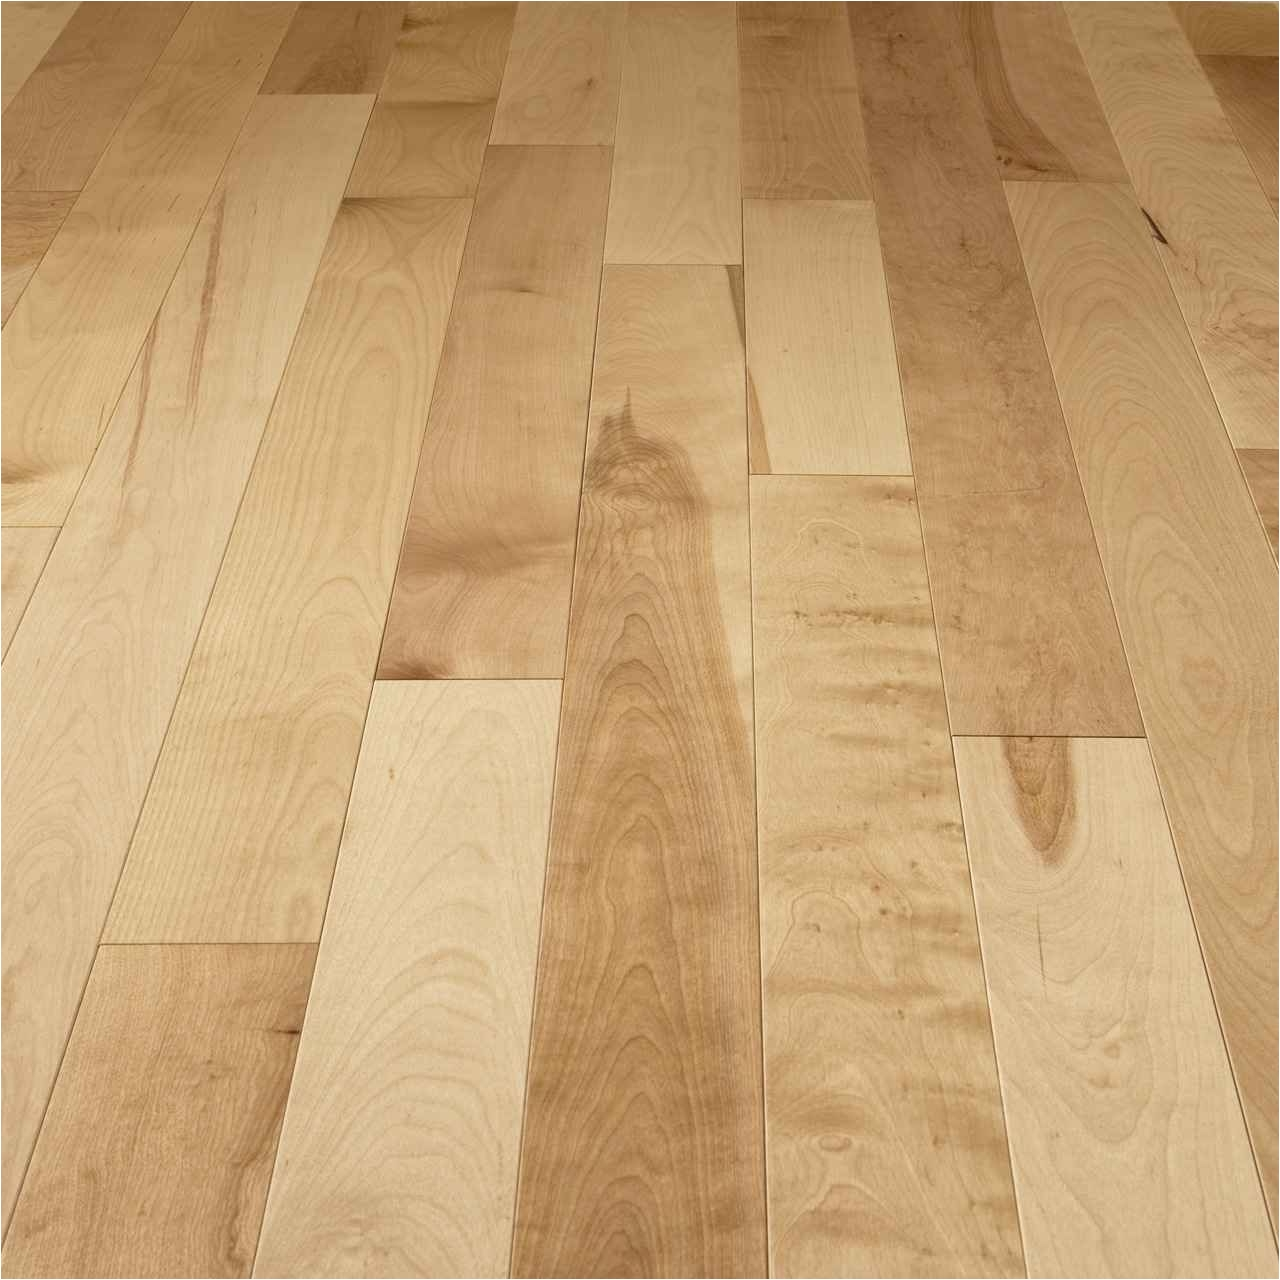 mercier wood floor touch up kit